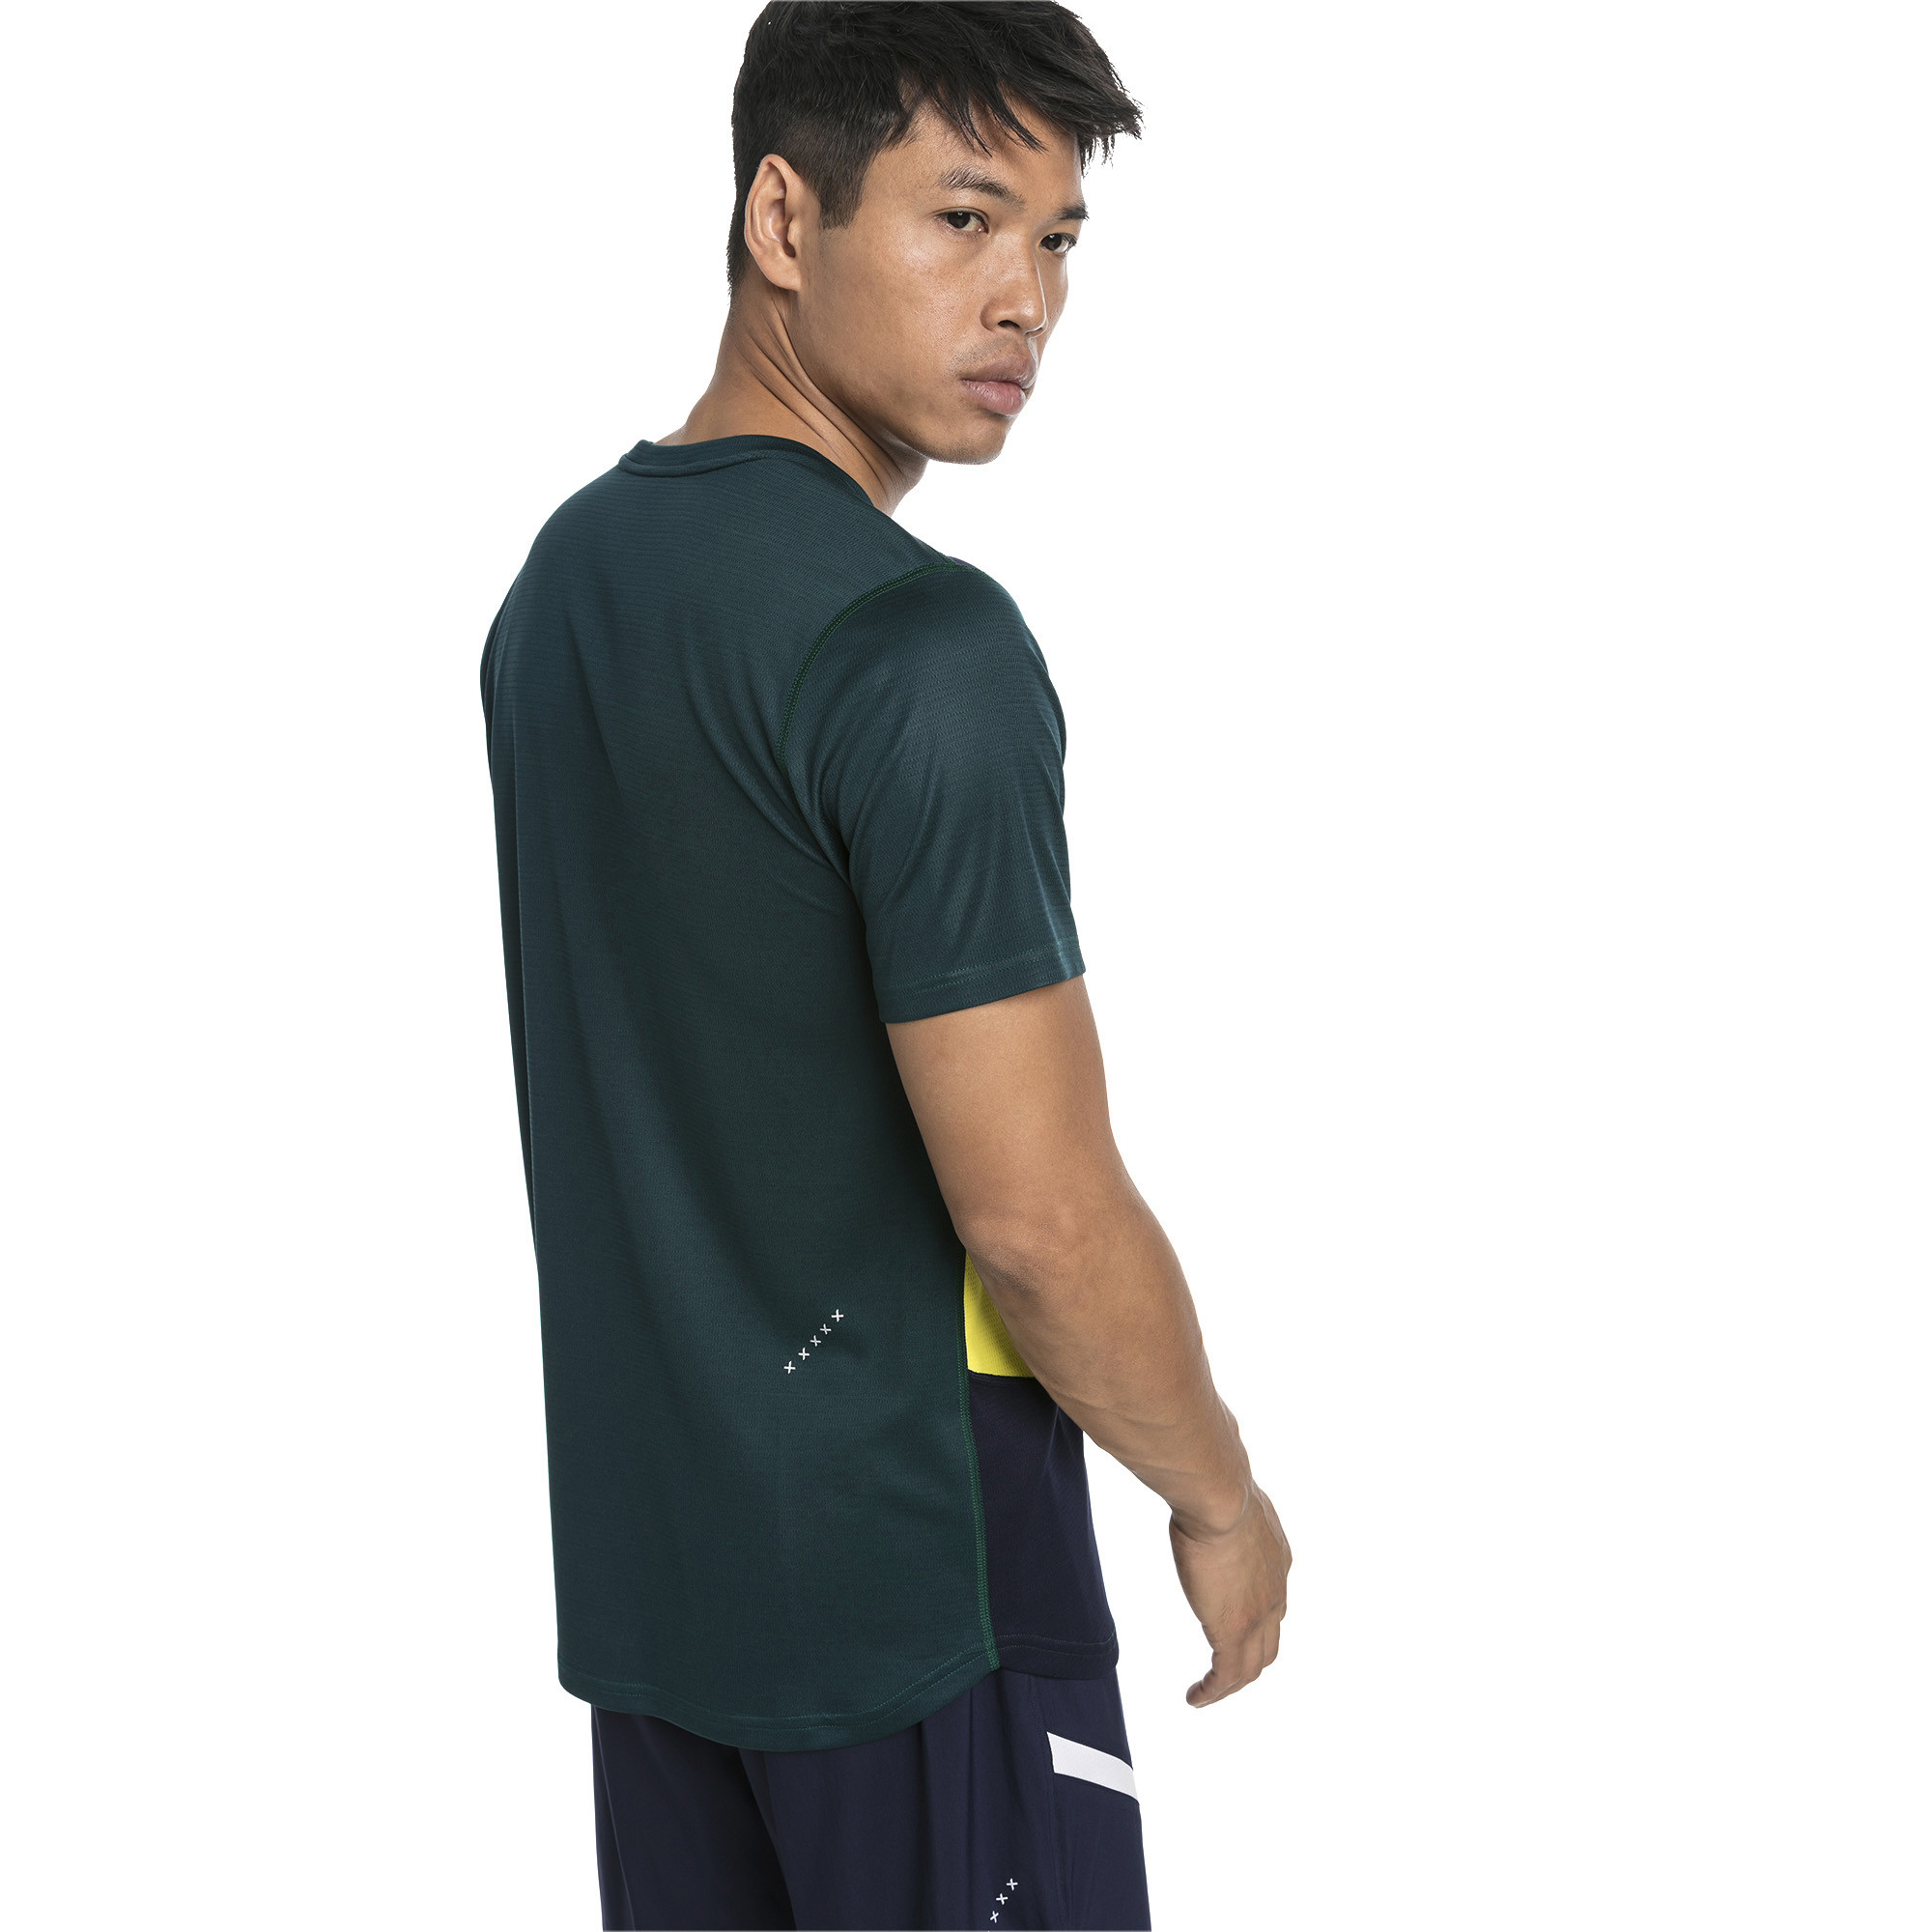 Image Puma IGNITE Men's Running T-Shirt #2